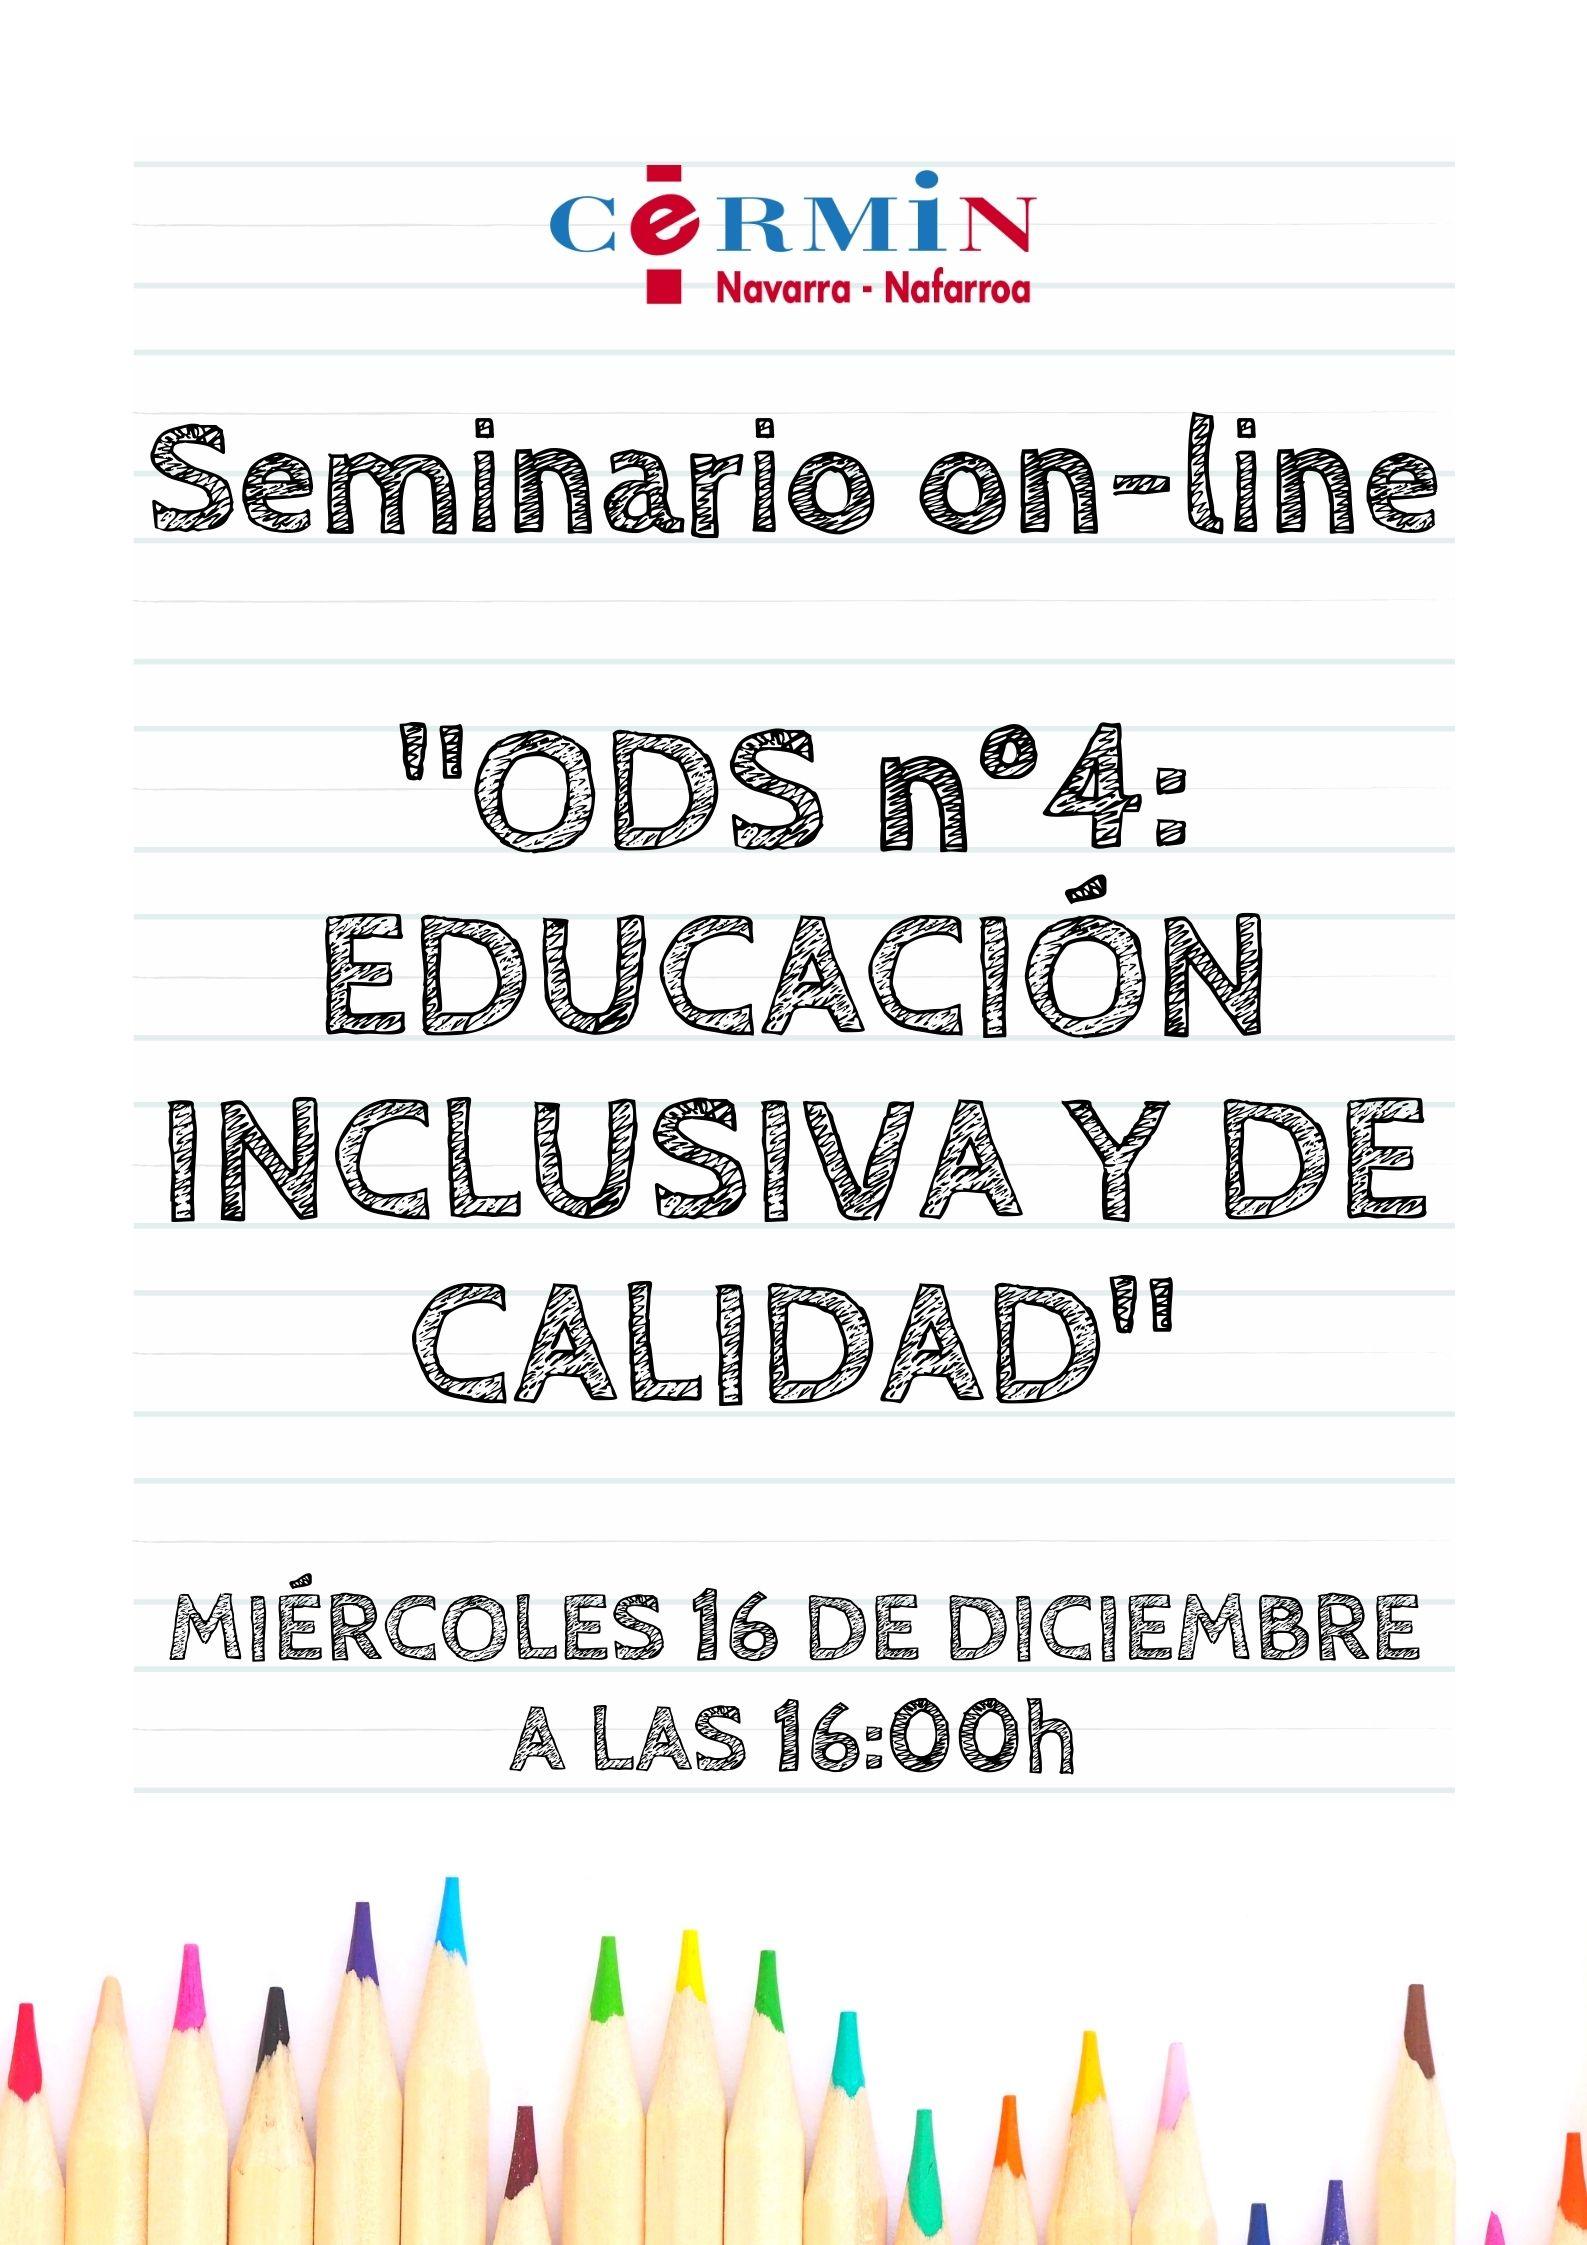 Imagen del cartel de la jornada en castellano